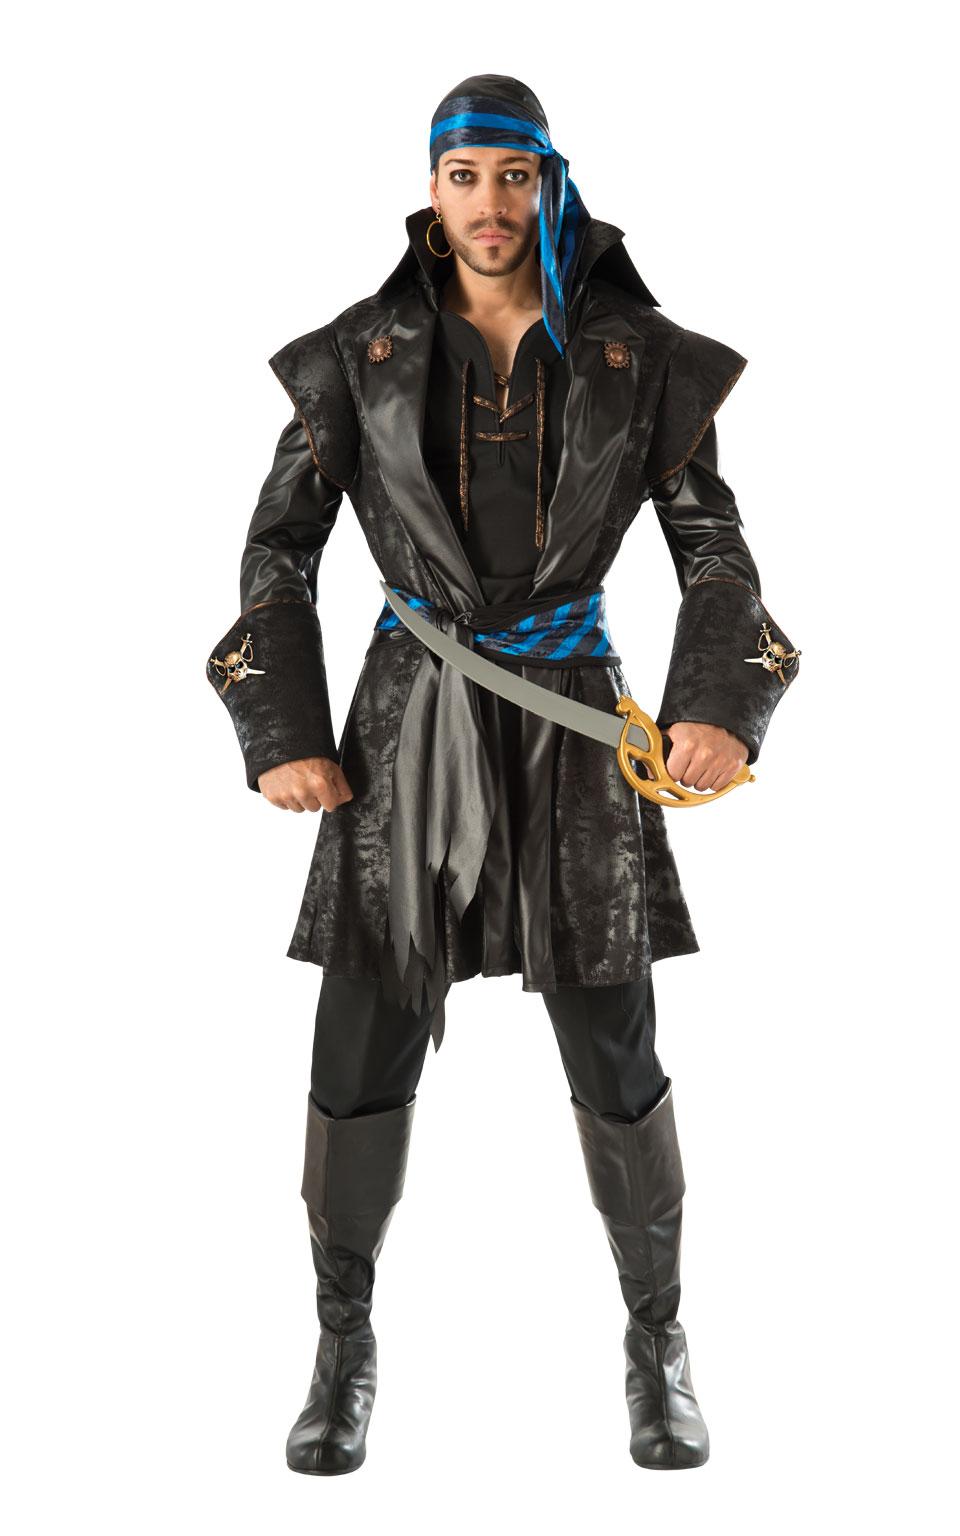 Maskeradkläder Vuxna - Pirat Maskeraddräkt Captain Black Heart